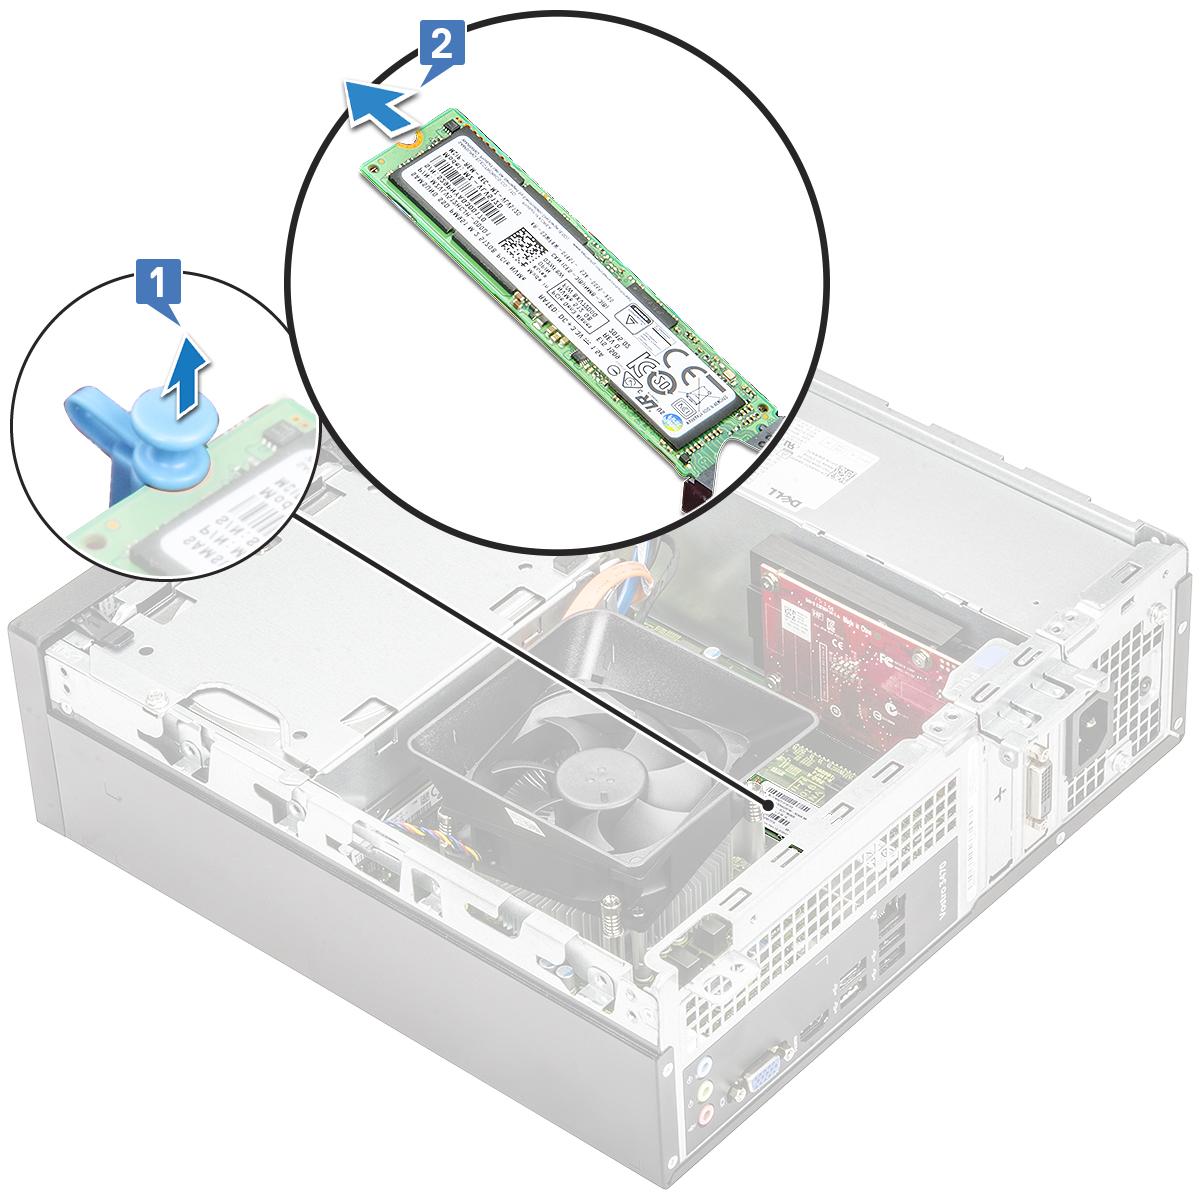 Gambar yang menampilkan cara melepaskan kartu SDD dari komputer.